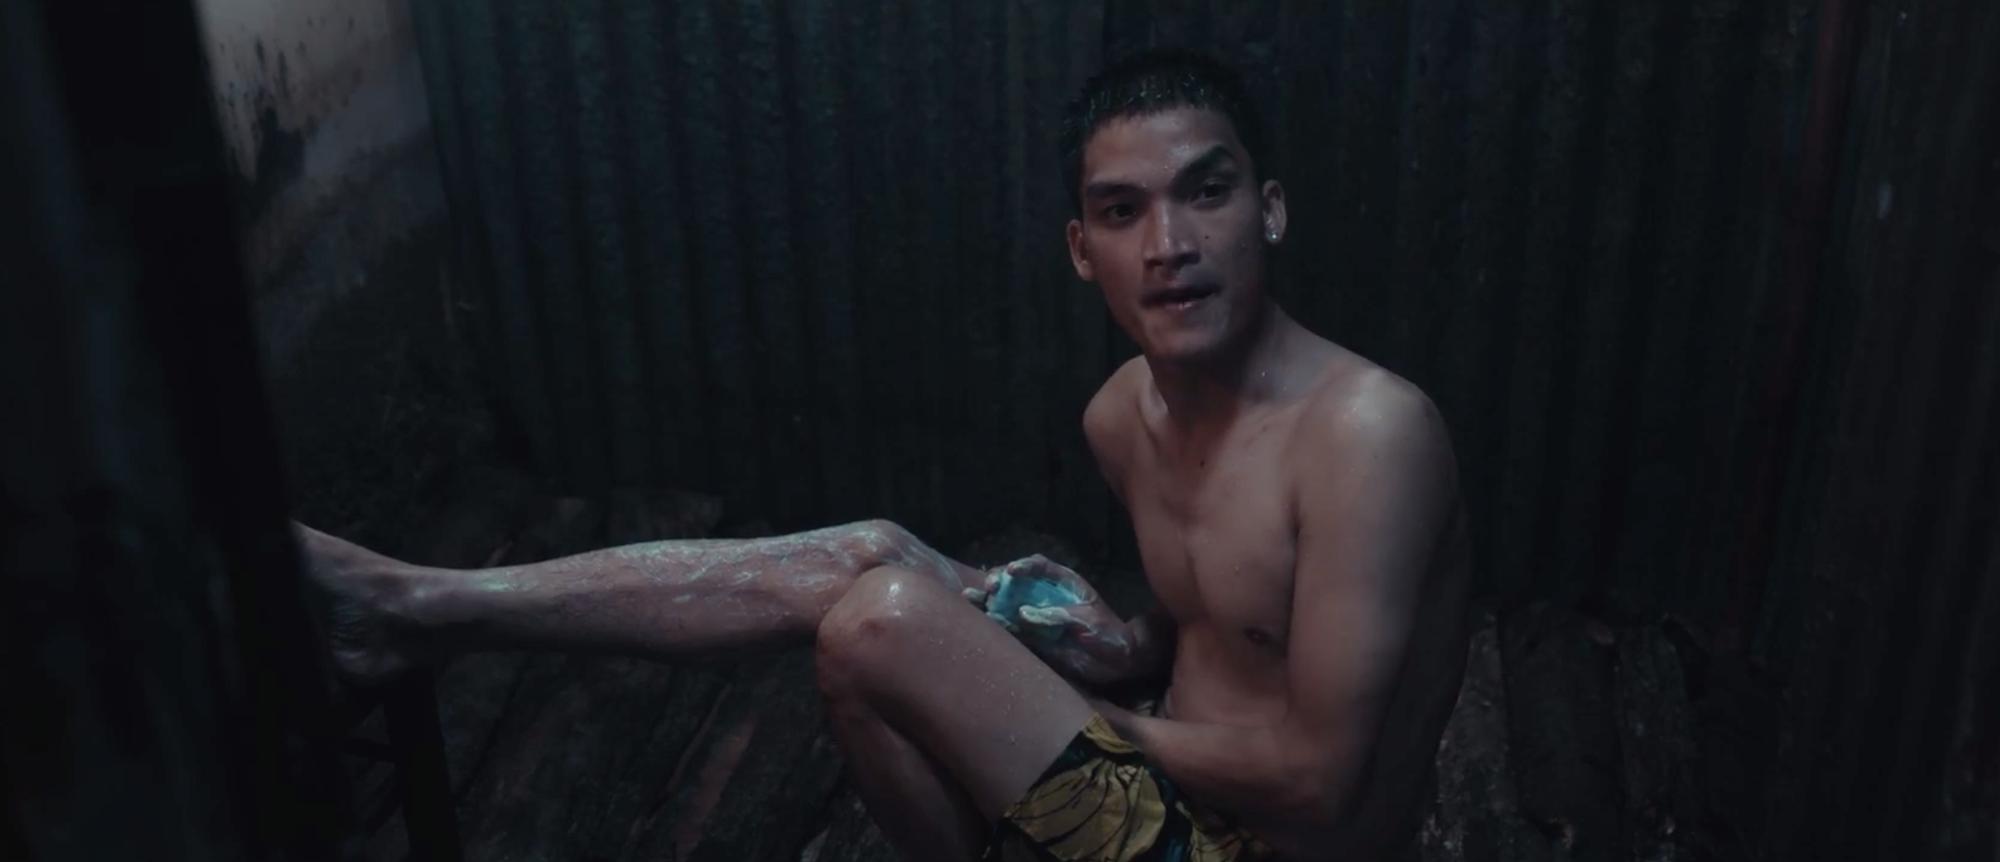 Lật Mặt 4 lọt top 3 phim Việt có doanh thu mở màn cao nhất mọi thời đại, khán giả đồng loạt gọi tên Mạc Văn Khoa!